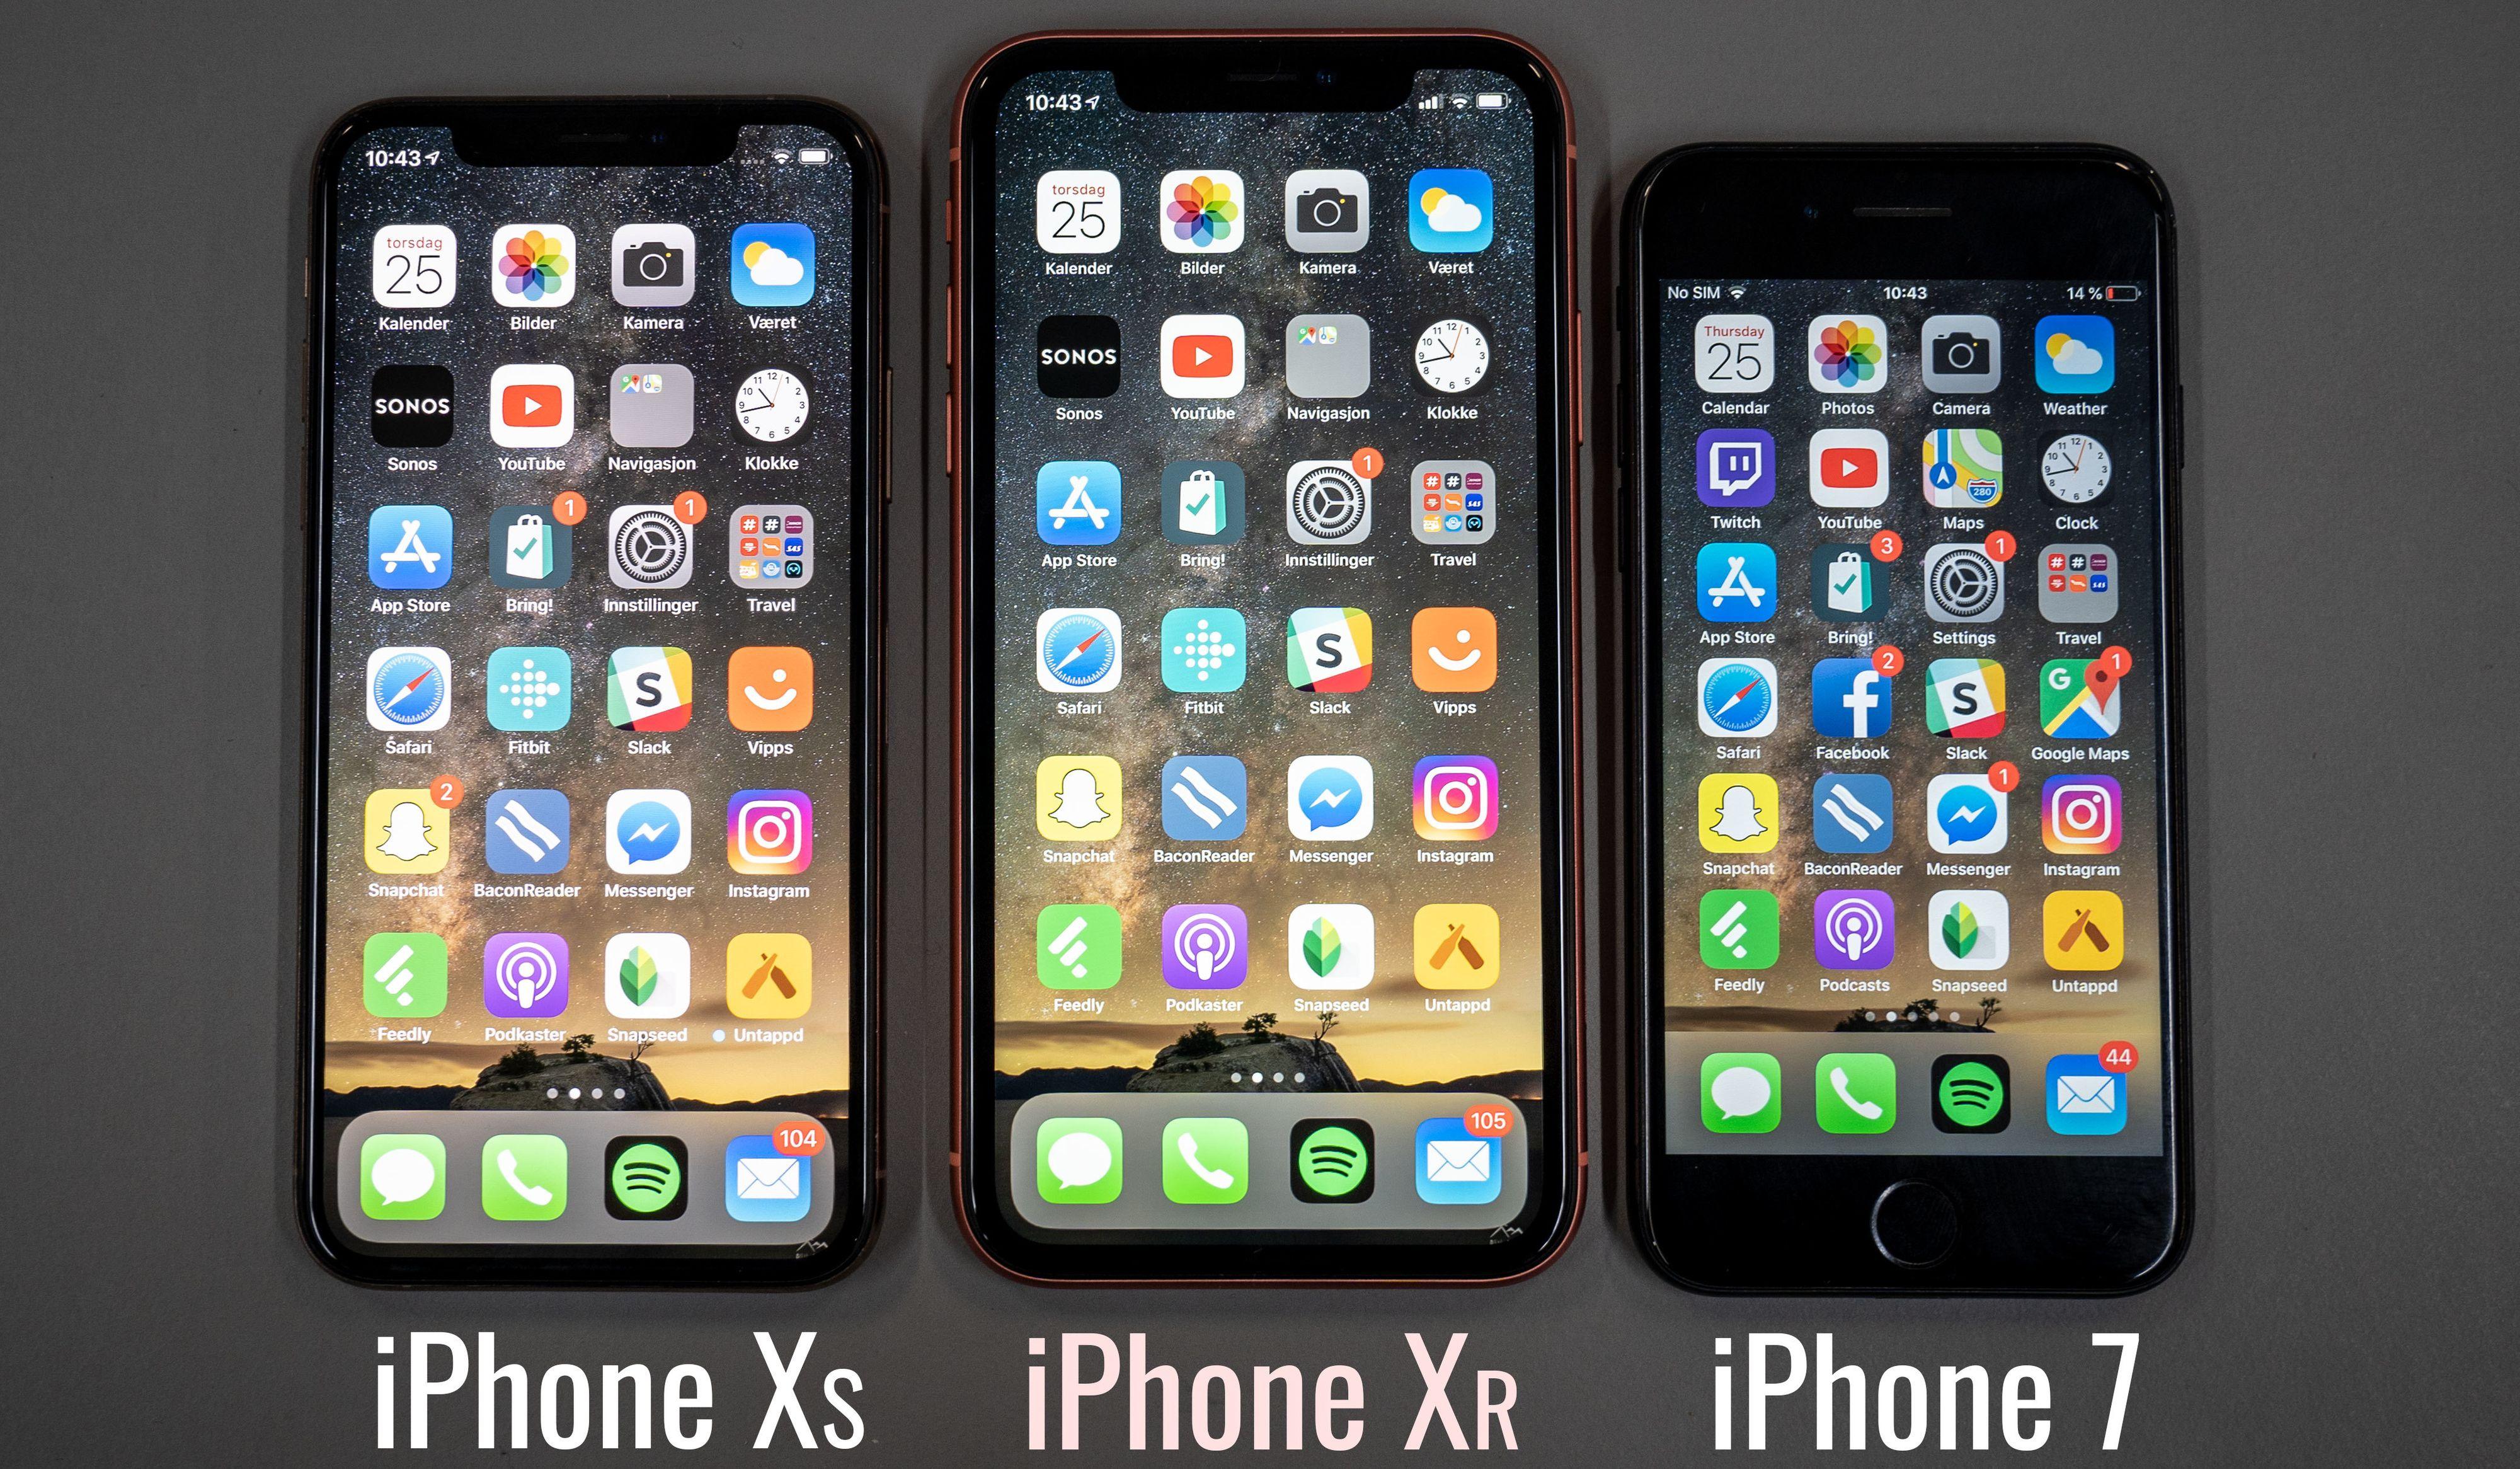 Litt større enn Xs, betydelig større enn iPhone 7 og dens like. iPhone Xs Max er enda større.